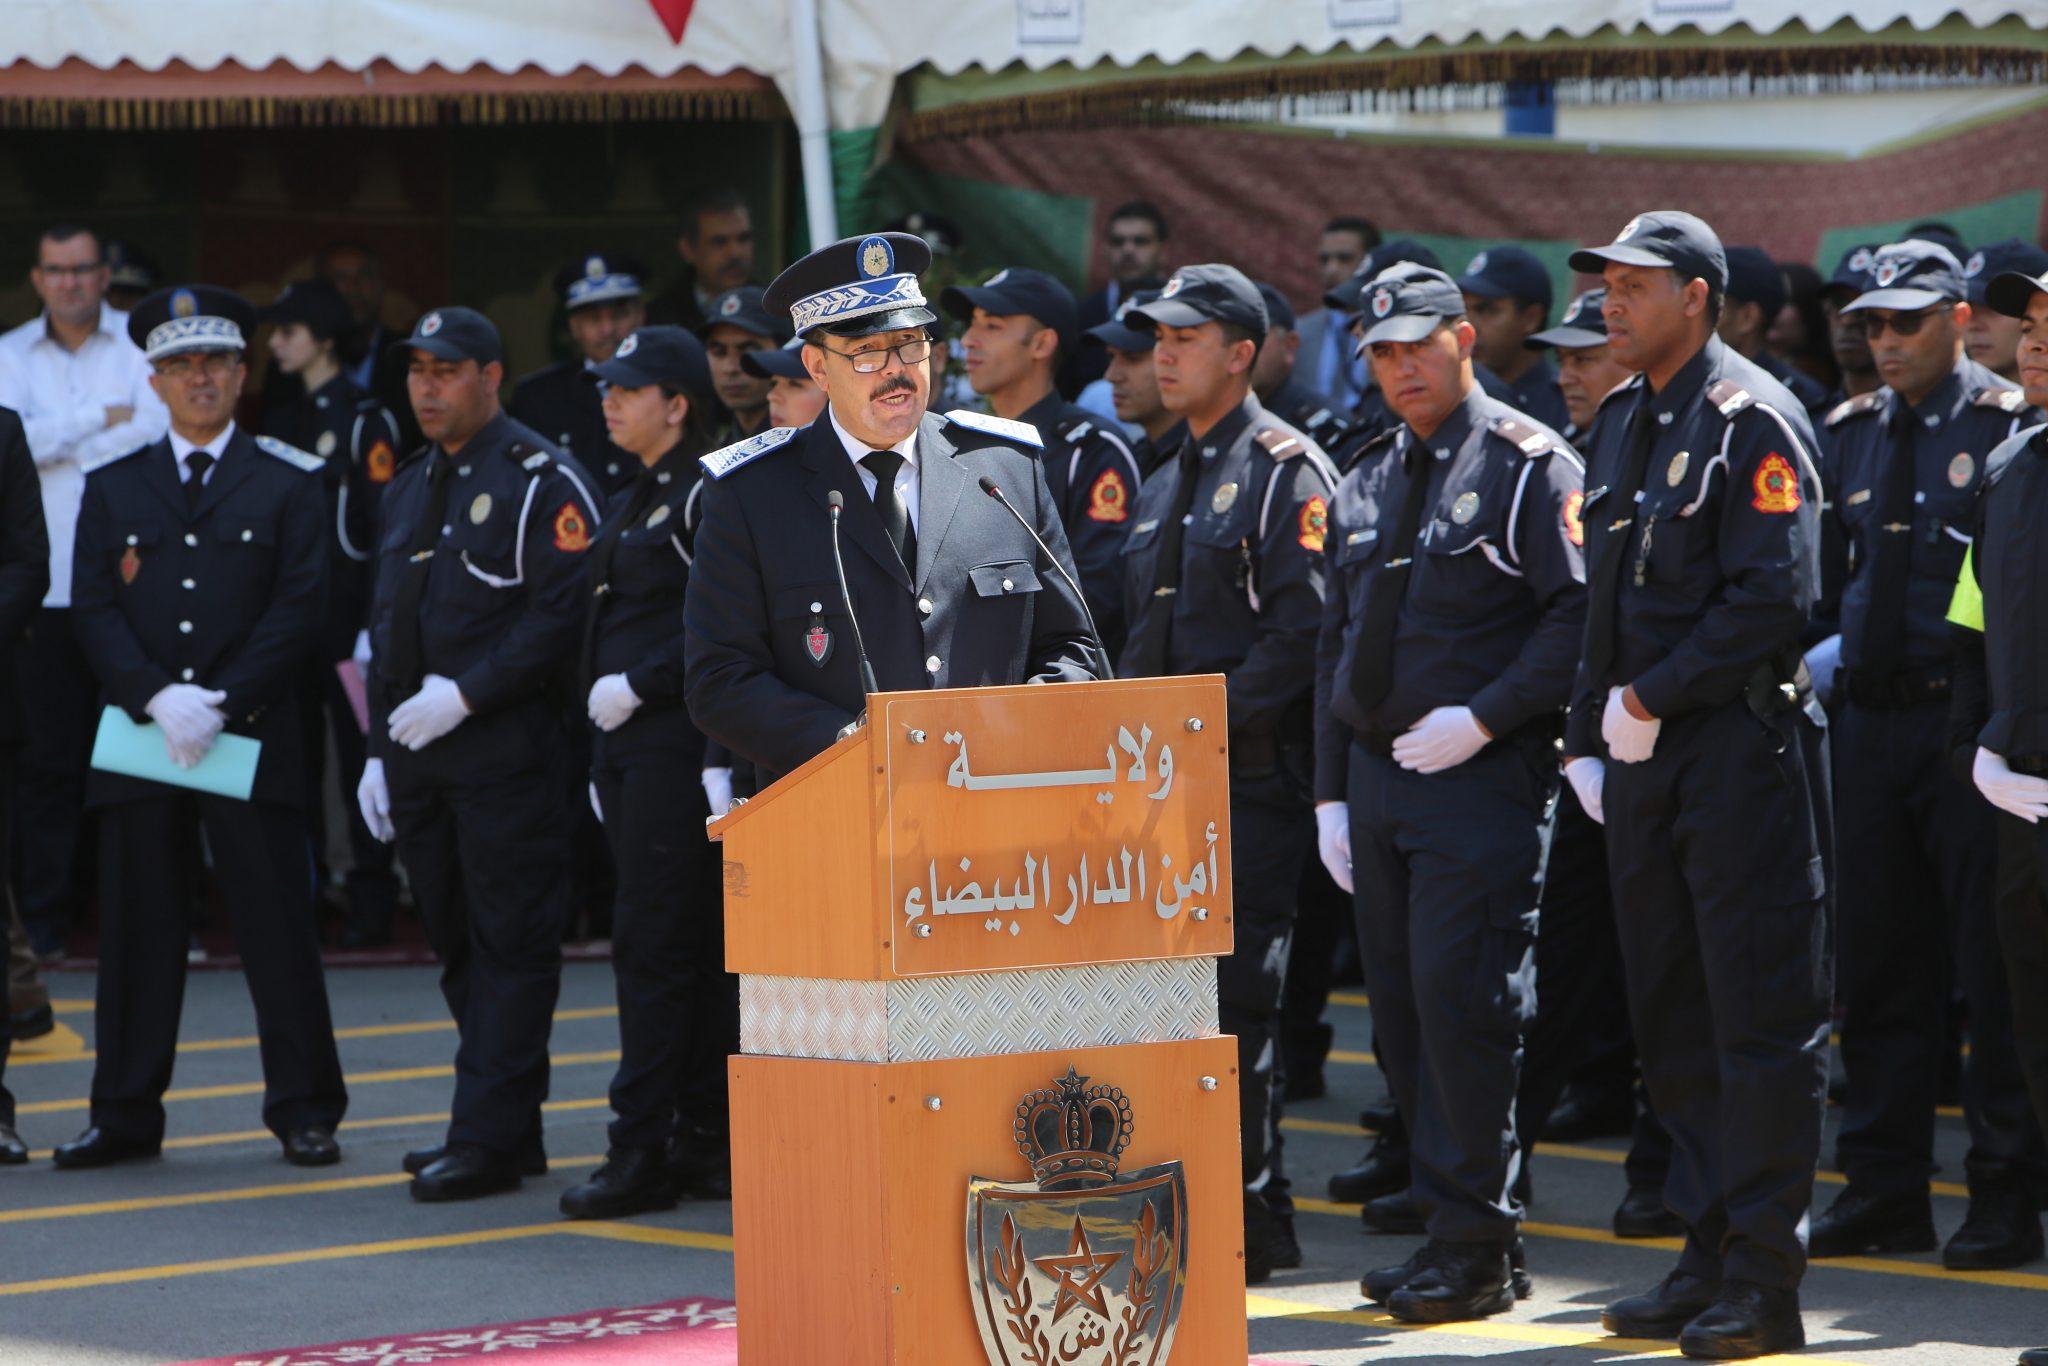 ولاية أمن الدارالبيضاء تحتفل بأبناء رجال الأمن المتفوقون في امتحانات الباكالوريا